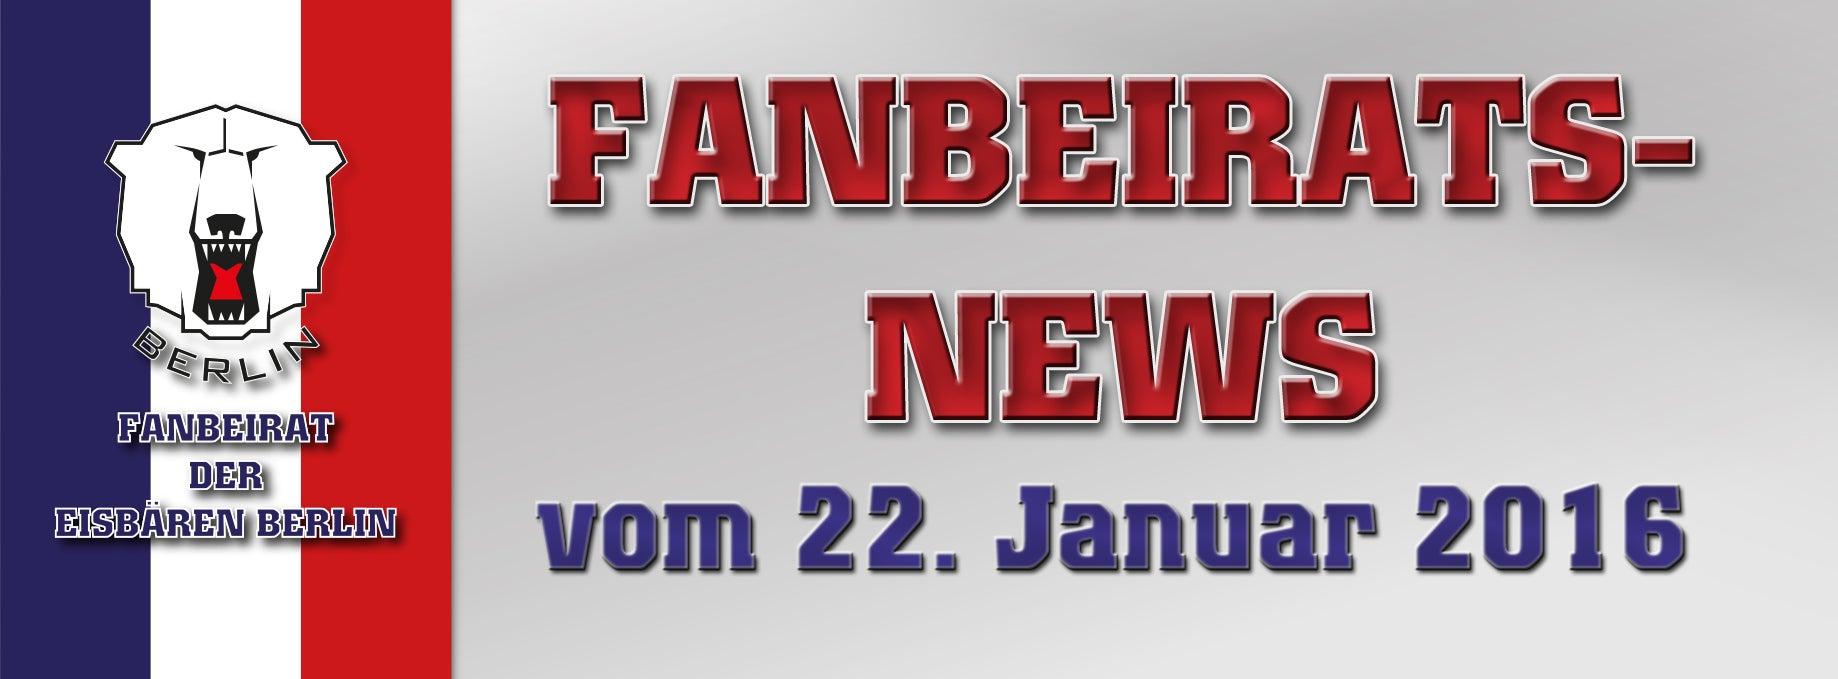 FB-News 22.1.2016.jpg